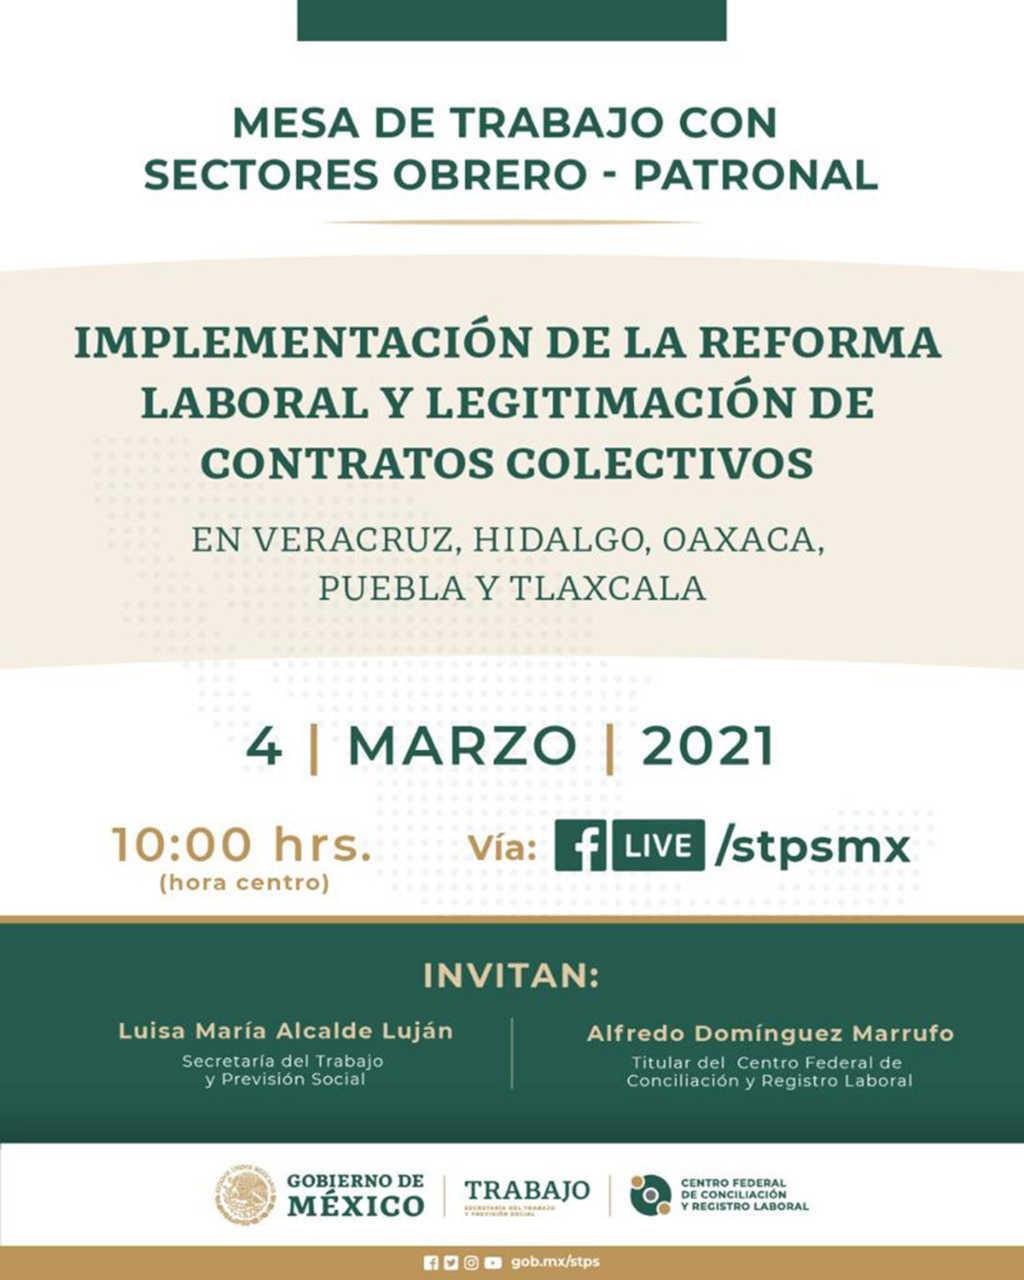 Participará SEGOB en mesa de trabajo sobre reforma laboral convocada por la STPS